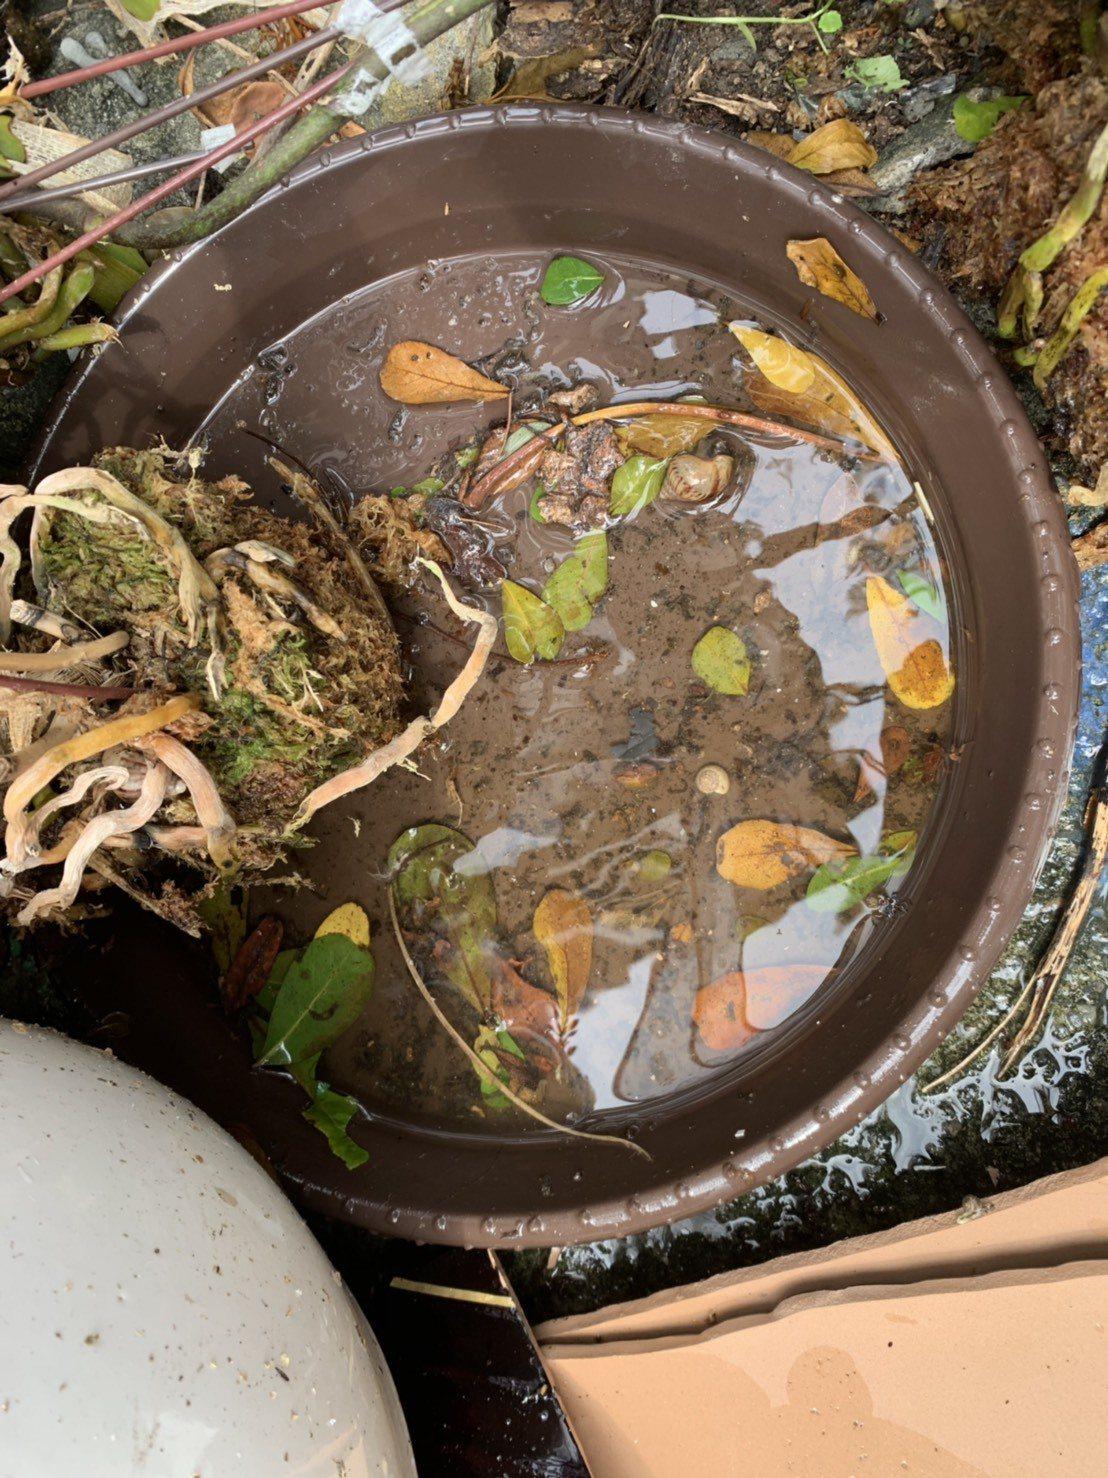 高雄近日強降雨不斷,衛生局提醒民眾雨後應立即清除積水容器,避免病媒蚊孳生,降低疫...